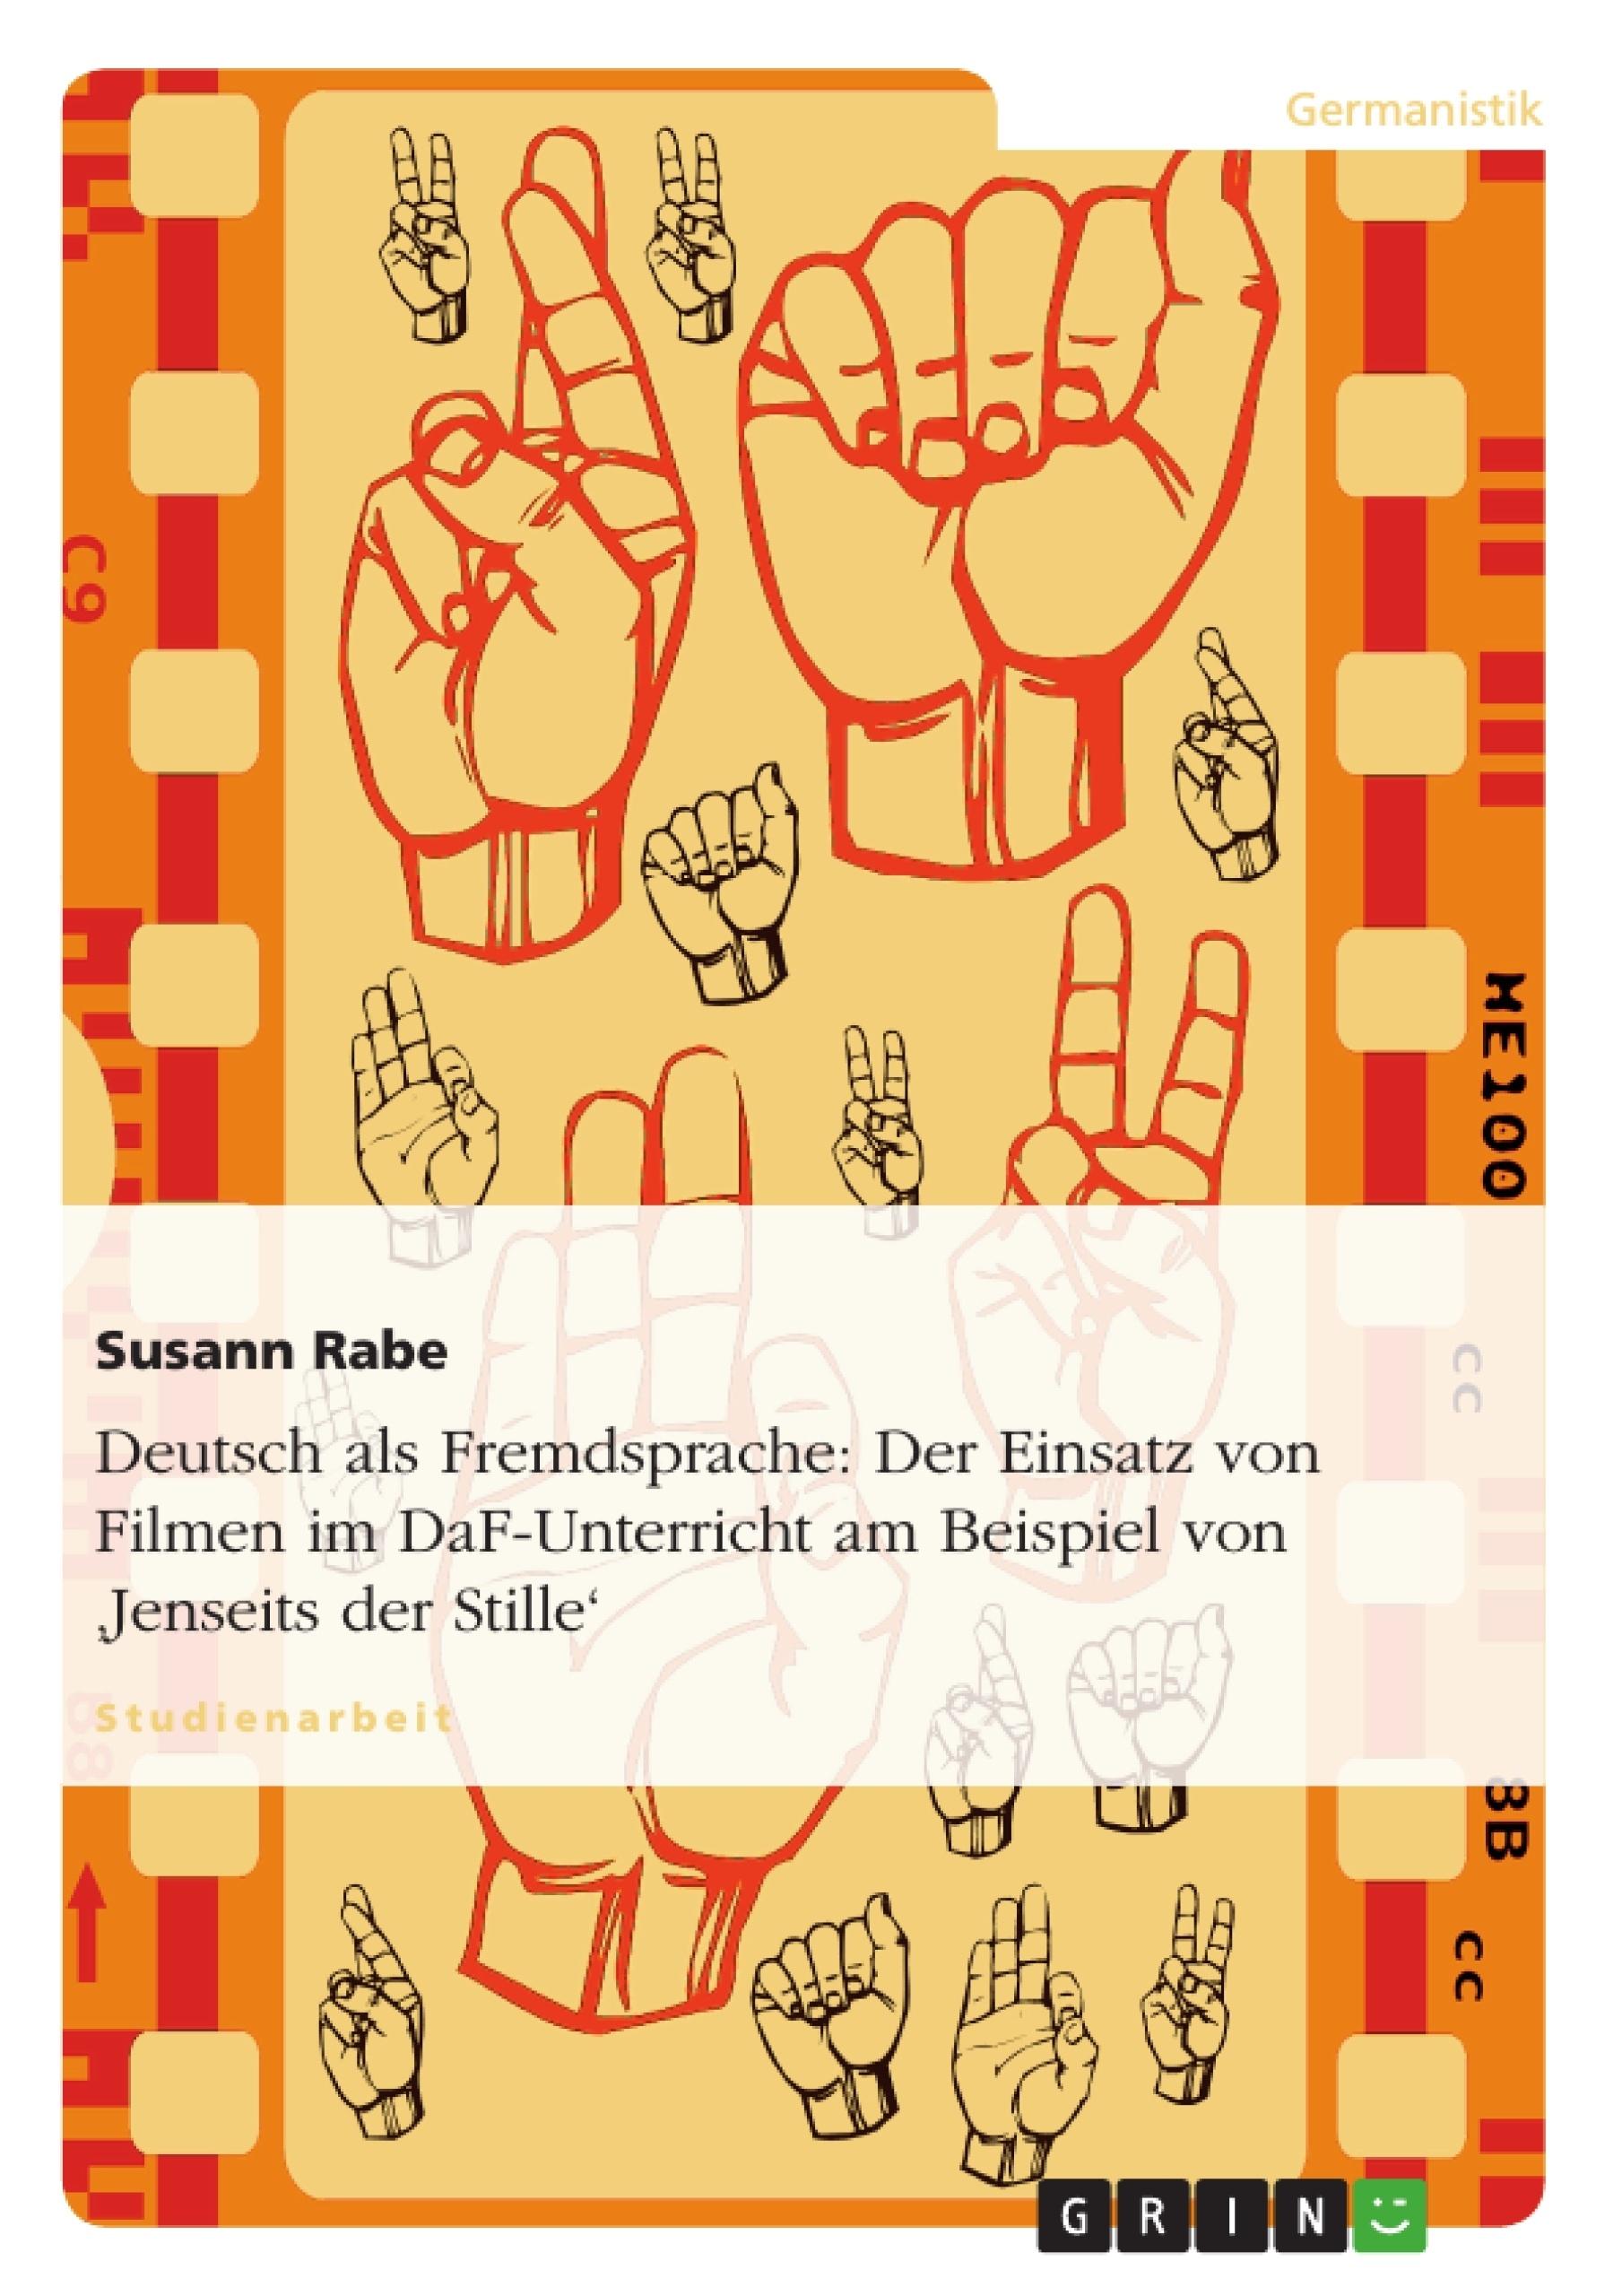 Titel: Deutsch als Fremdsprache: Der Einsatz von Filmen im DaF-Unterricht am Beispiel von 'Jenseits der Stille'